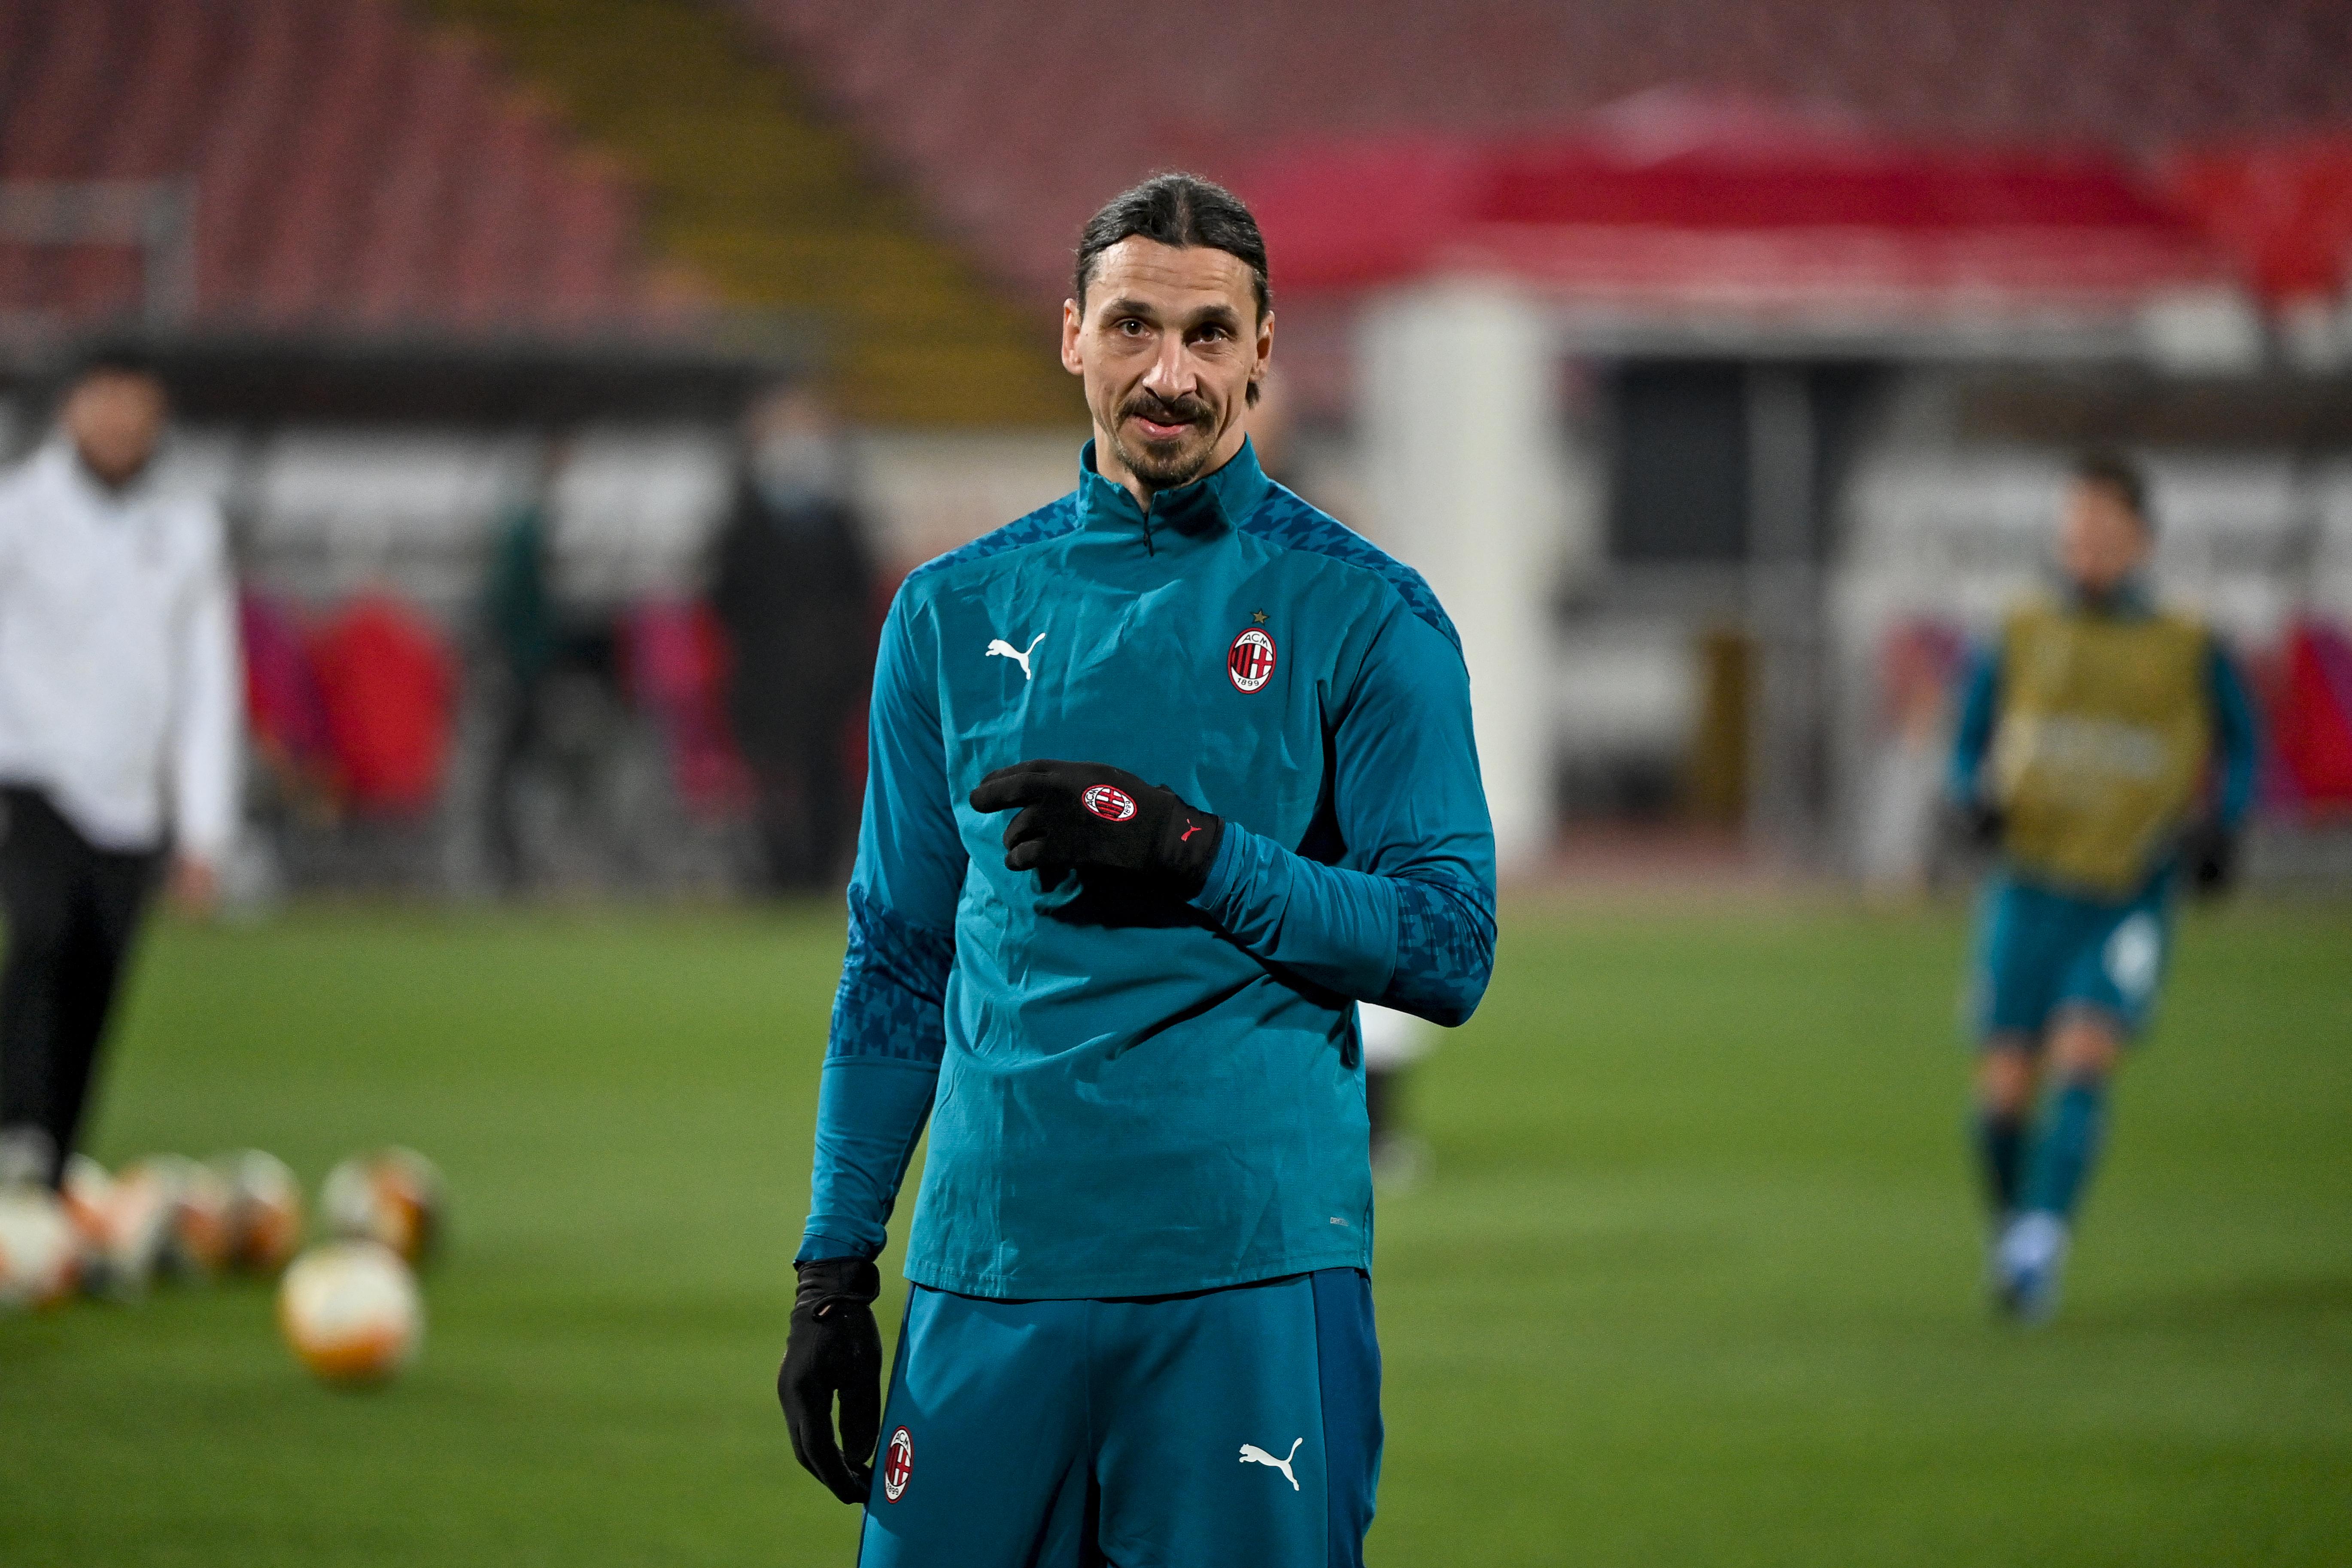 Bocsánatot kért a Crvena Zvezda, miután egy szurkolójuk muszlimellenes sértéseket kiabált Ibrahimovićnak